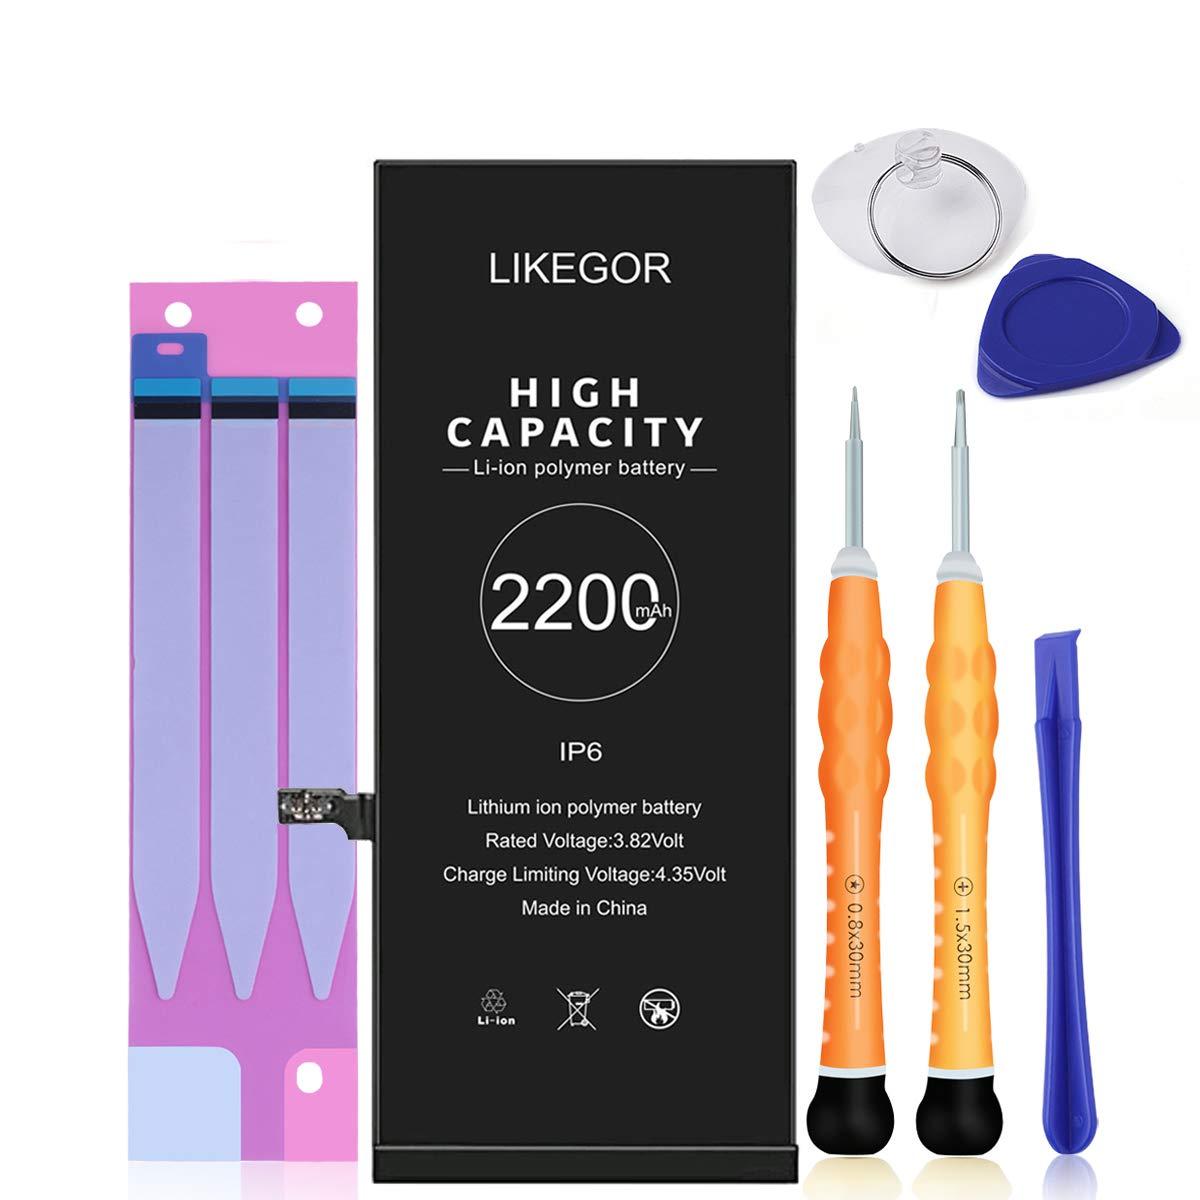 bateria para iphone 6 con kit de herr. 2220 mah